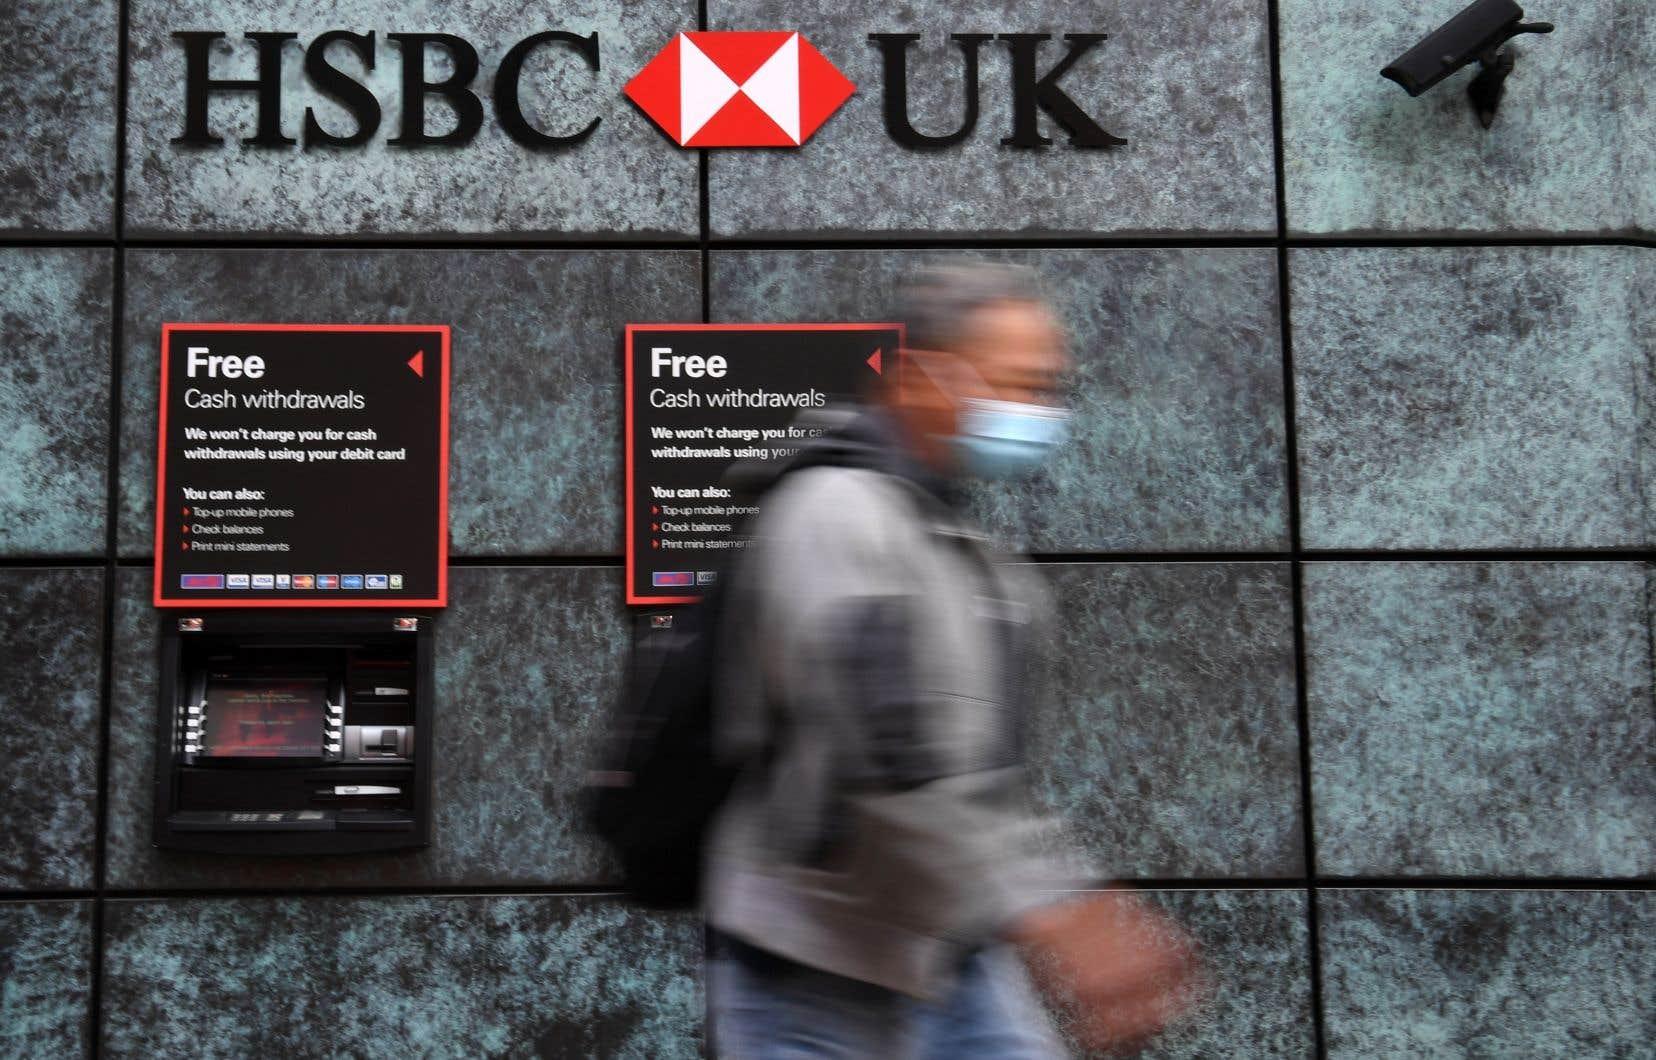 Le géant bancaire sino-britannique HSBC, déjà en perte de vitesse avant la crise sanitaire, a annoncé lundi une chute de 77% de son bénéfice net à 1,97milliard de dollars au premier semestre et son effondrement à 192millions entre avril et juin.